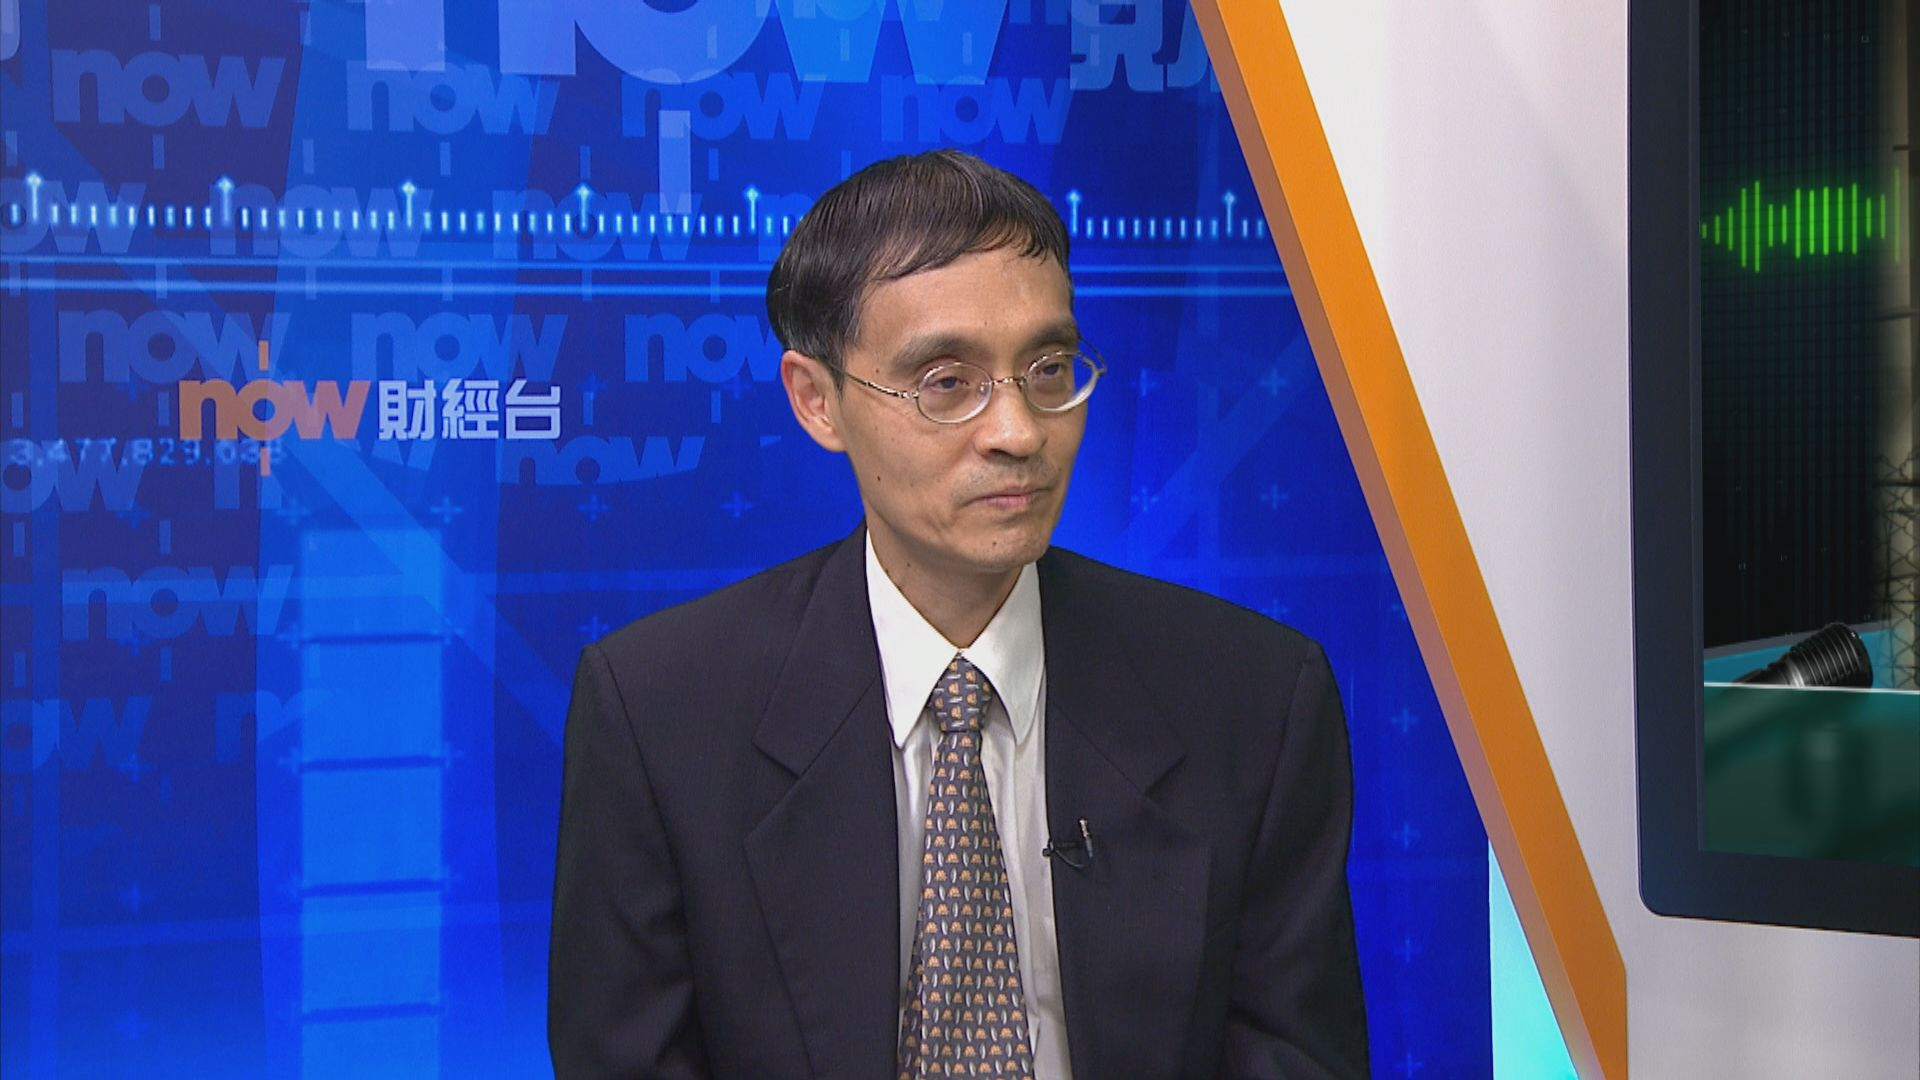 陳弘毅倡下個立法年度全面檢視逃犯條例